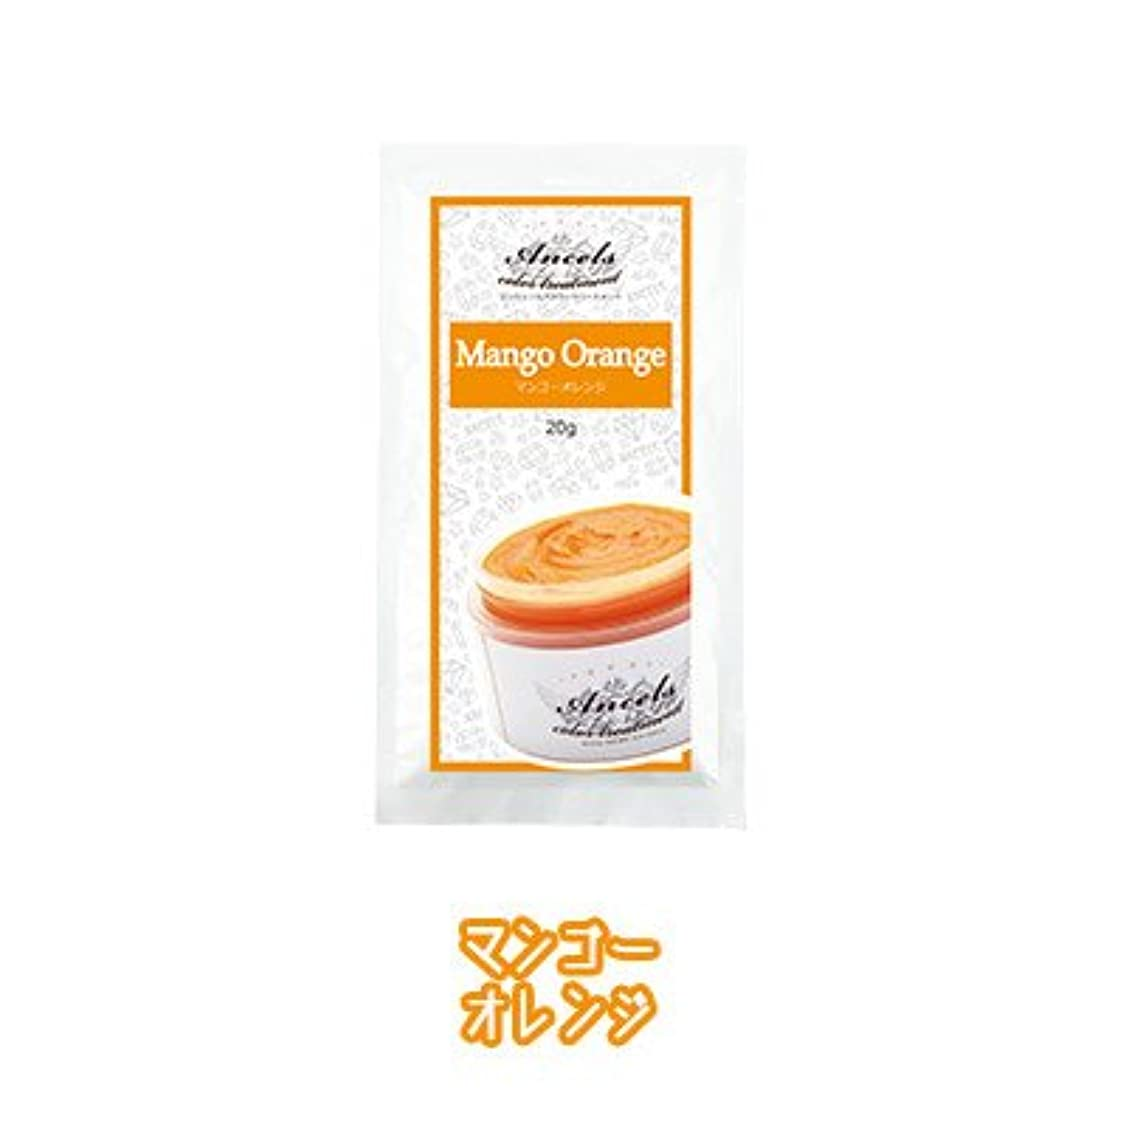 アピール複数深さエンシェールズ カラートリートメントバター プチ(お試しサイズ) マンゴーオレンジ 20g